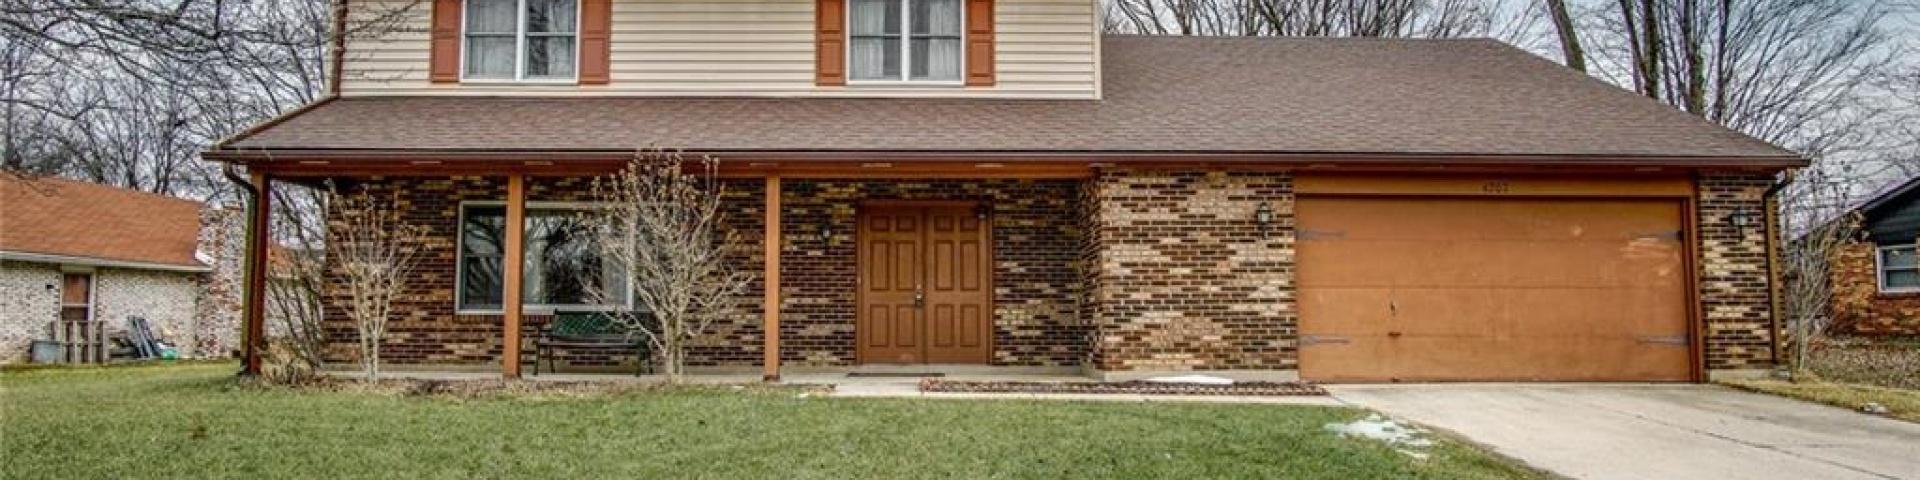 4202 KINSEY,Englewood,Ohio 45322,4 Bedrooms Bedrooms,10 Rooms Rooms,2 BathroomsBathrooms,Single family,KINSEY,755940